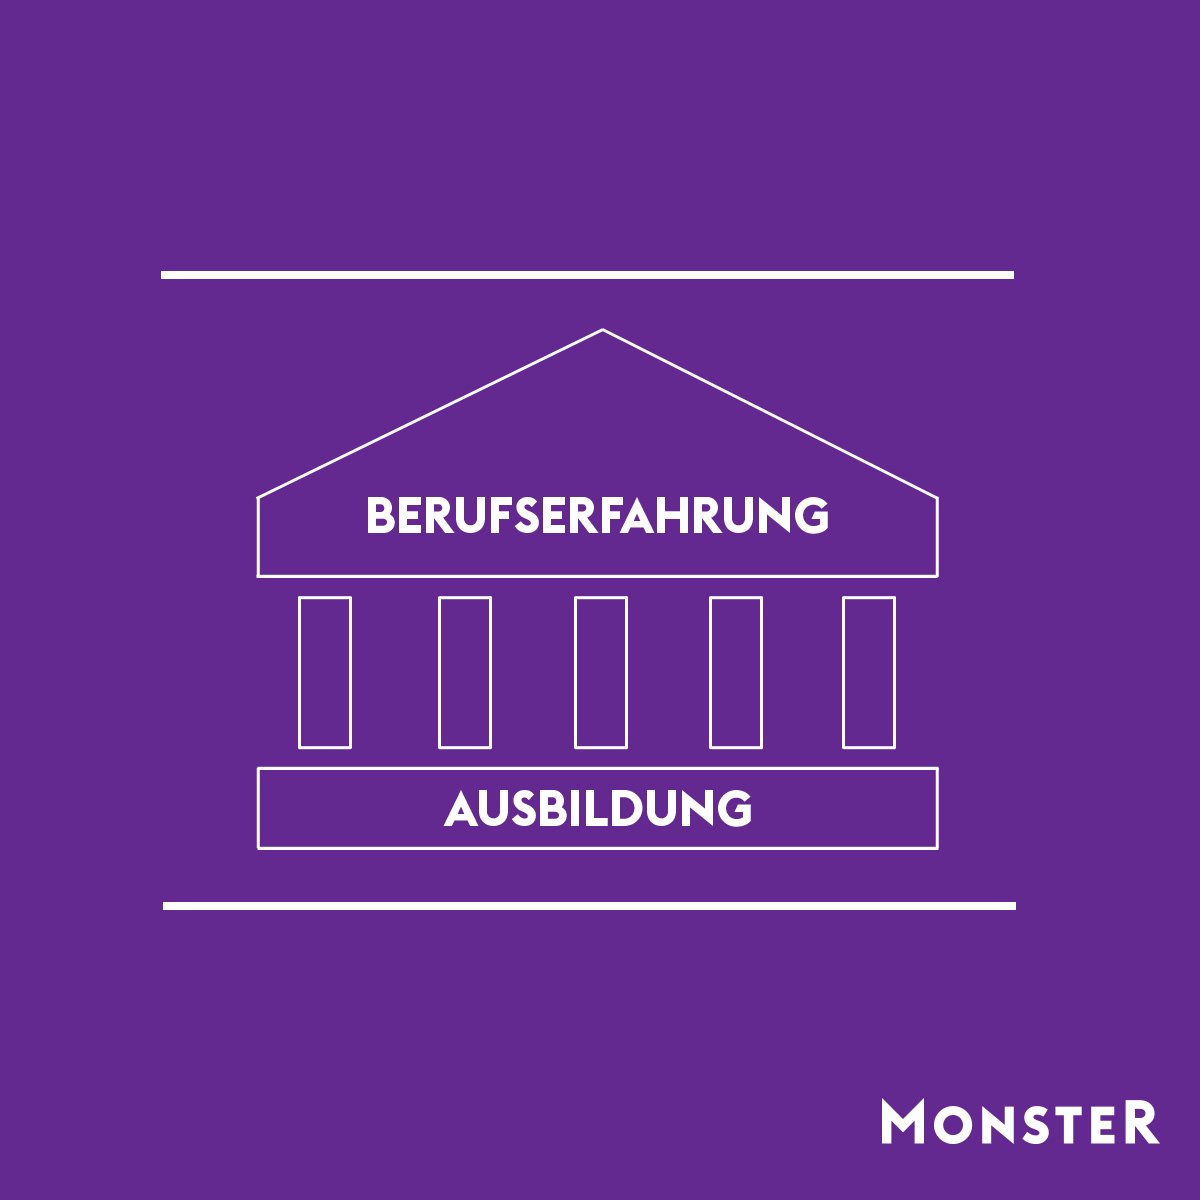 Atemberaubend Finde Meinen Lebenslauf Auf Monster Galerie - Beispiel ...